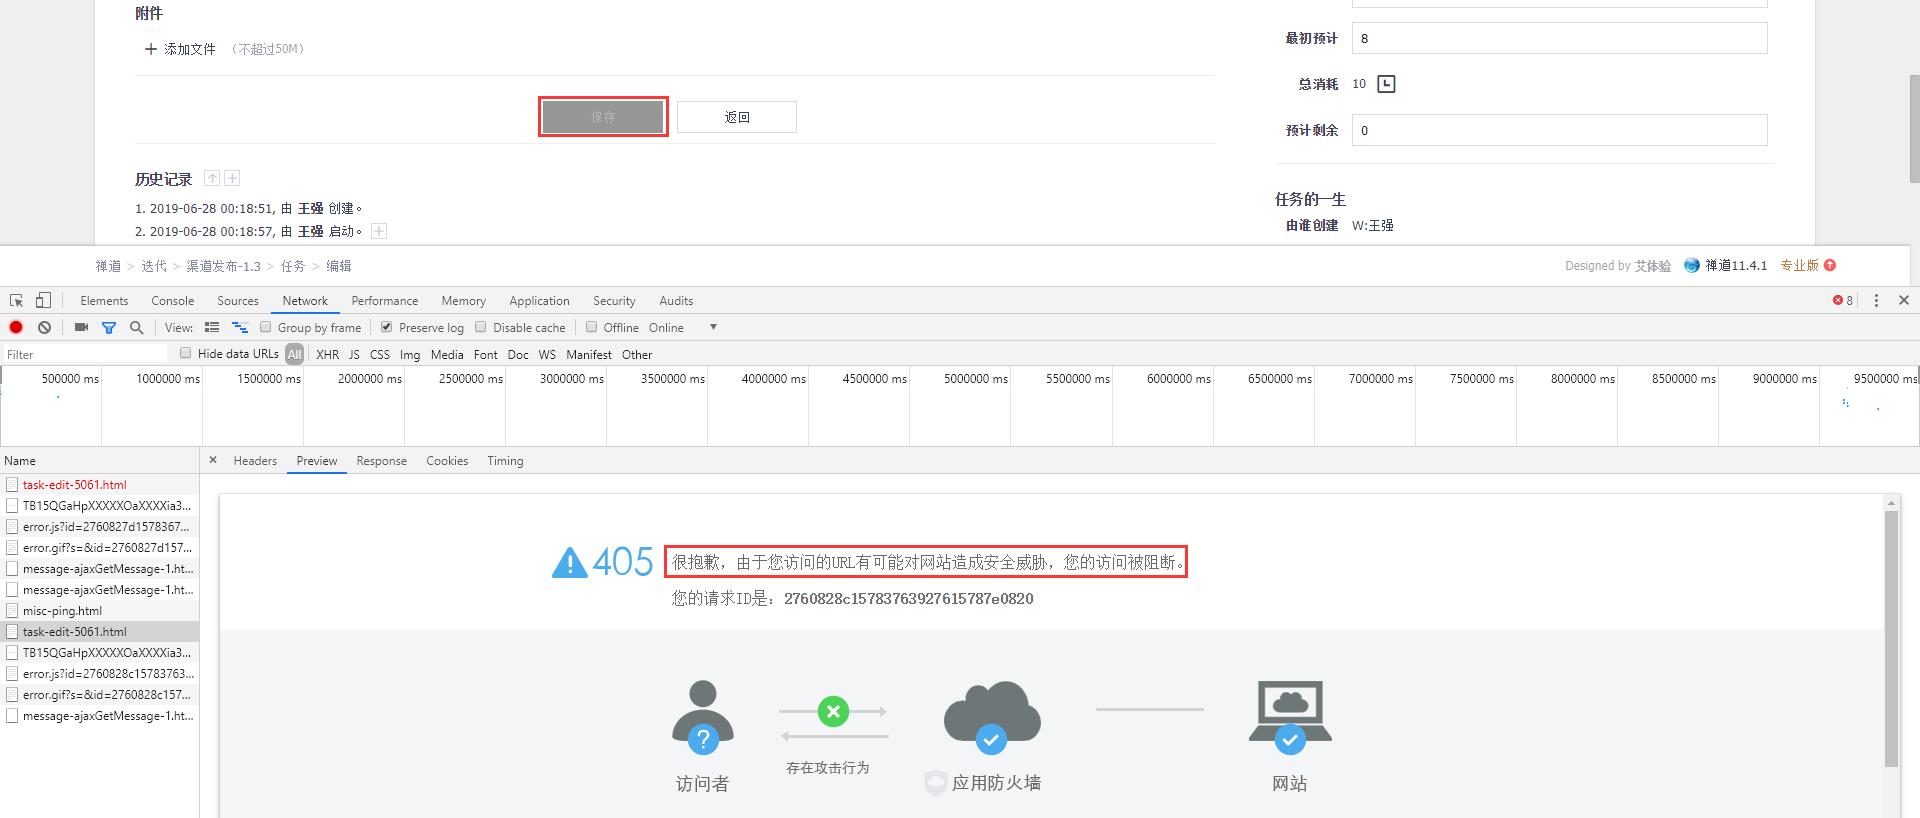 在禅道中保存任务时,响应 405,提示:很抱歉,由于您访问的URL有可能对网站造成安全威胁,您的访问被阻断。